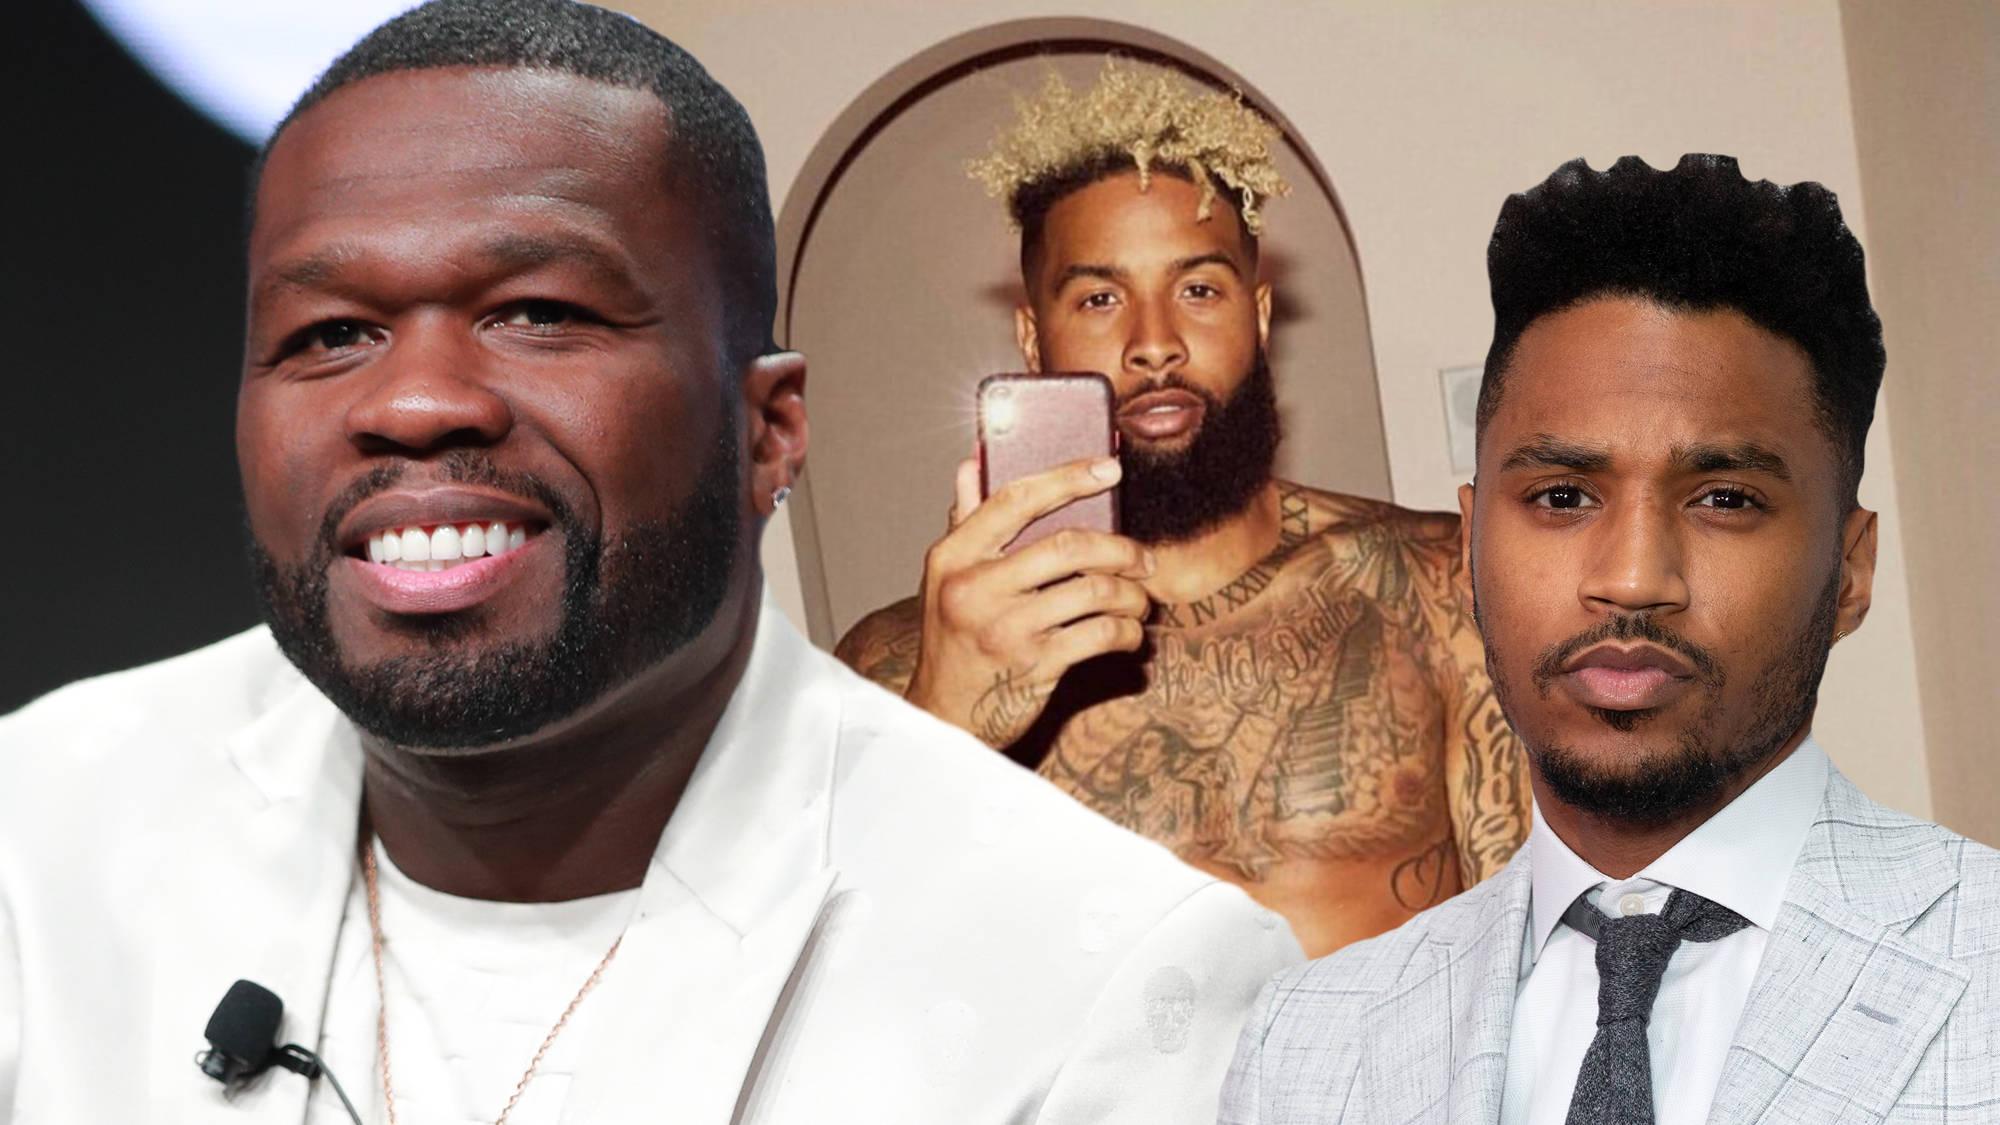 50 Cent Roasts Trey Songz Over Odell Beckham Jr.'s Thirst-Trap Underwear Photo